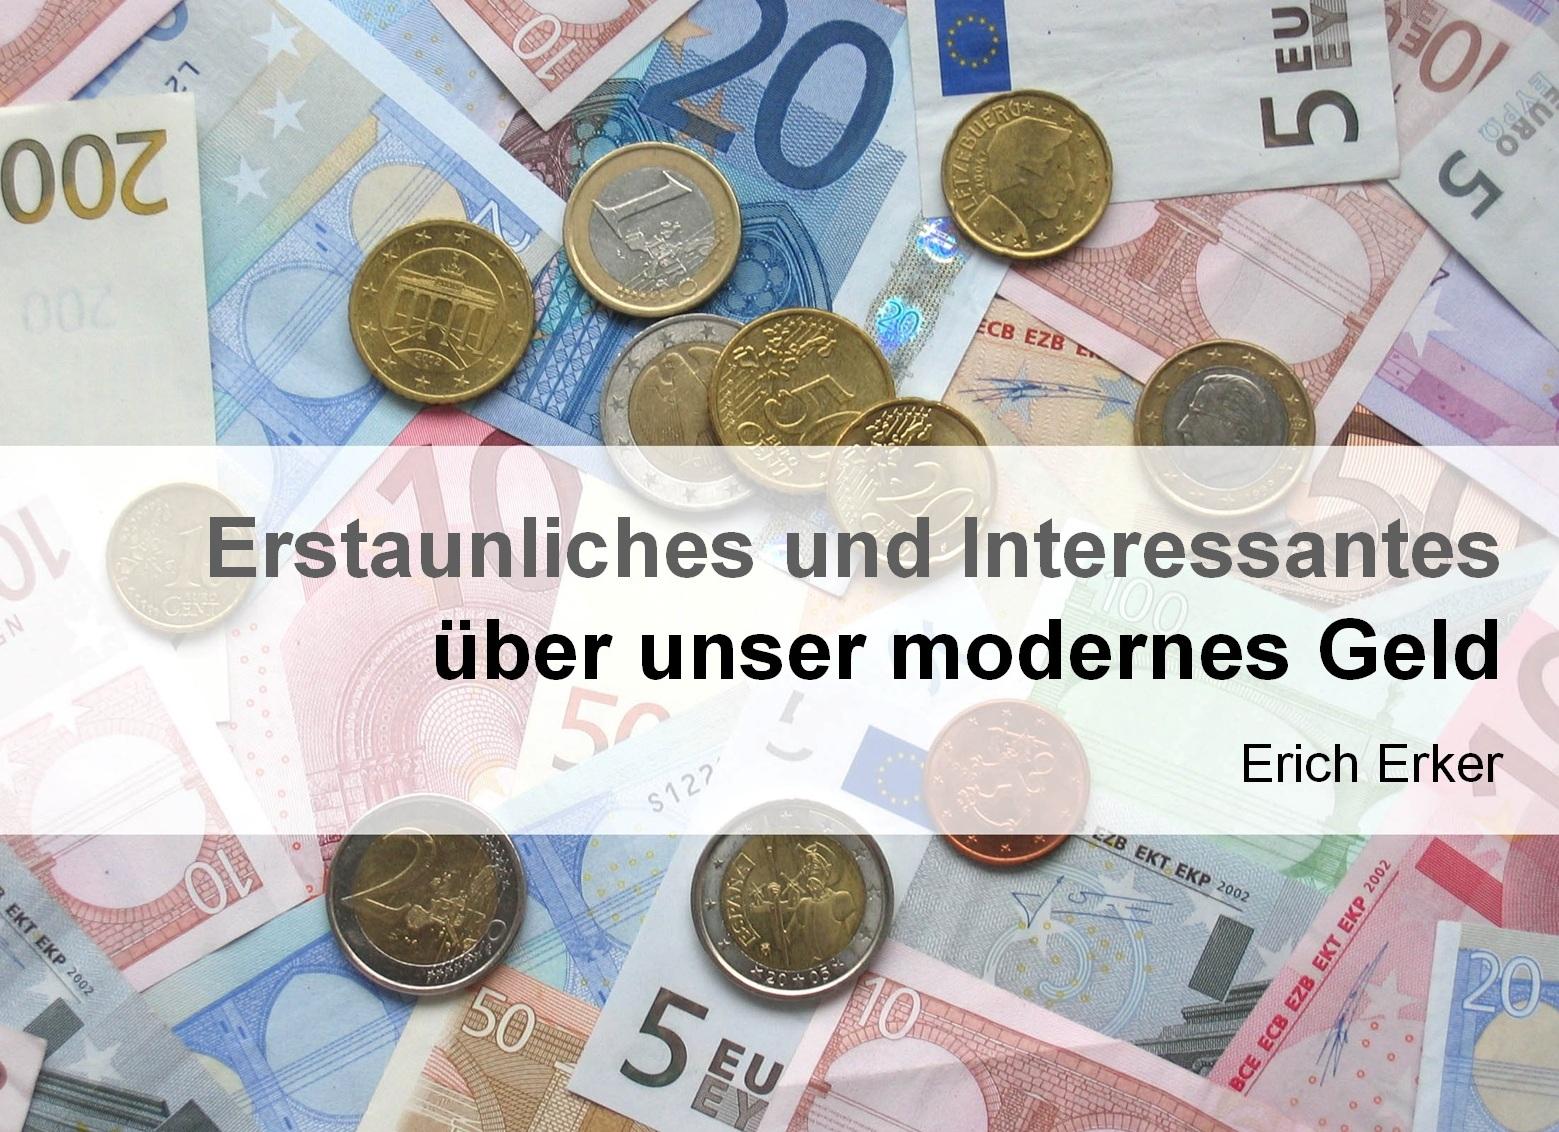 Vortrag Erich Erker 16.10.2018